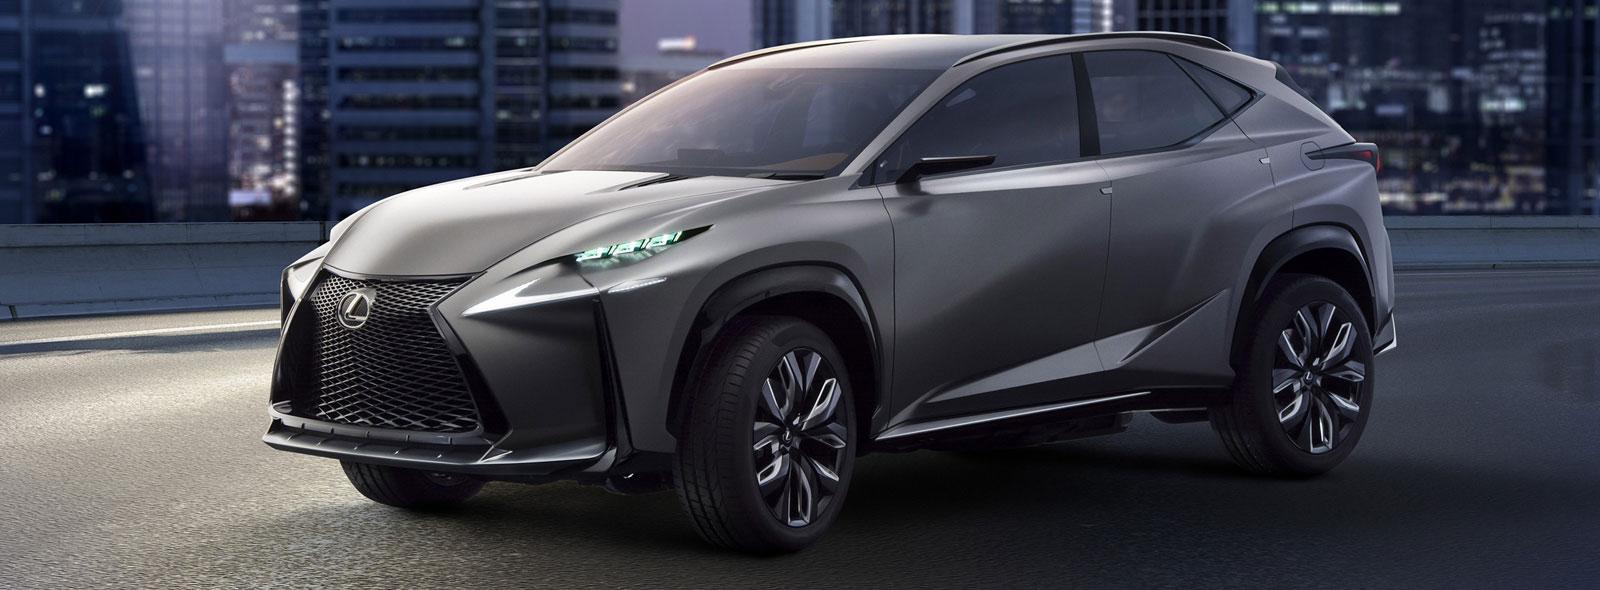 Концепт кар Lexus LF NX